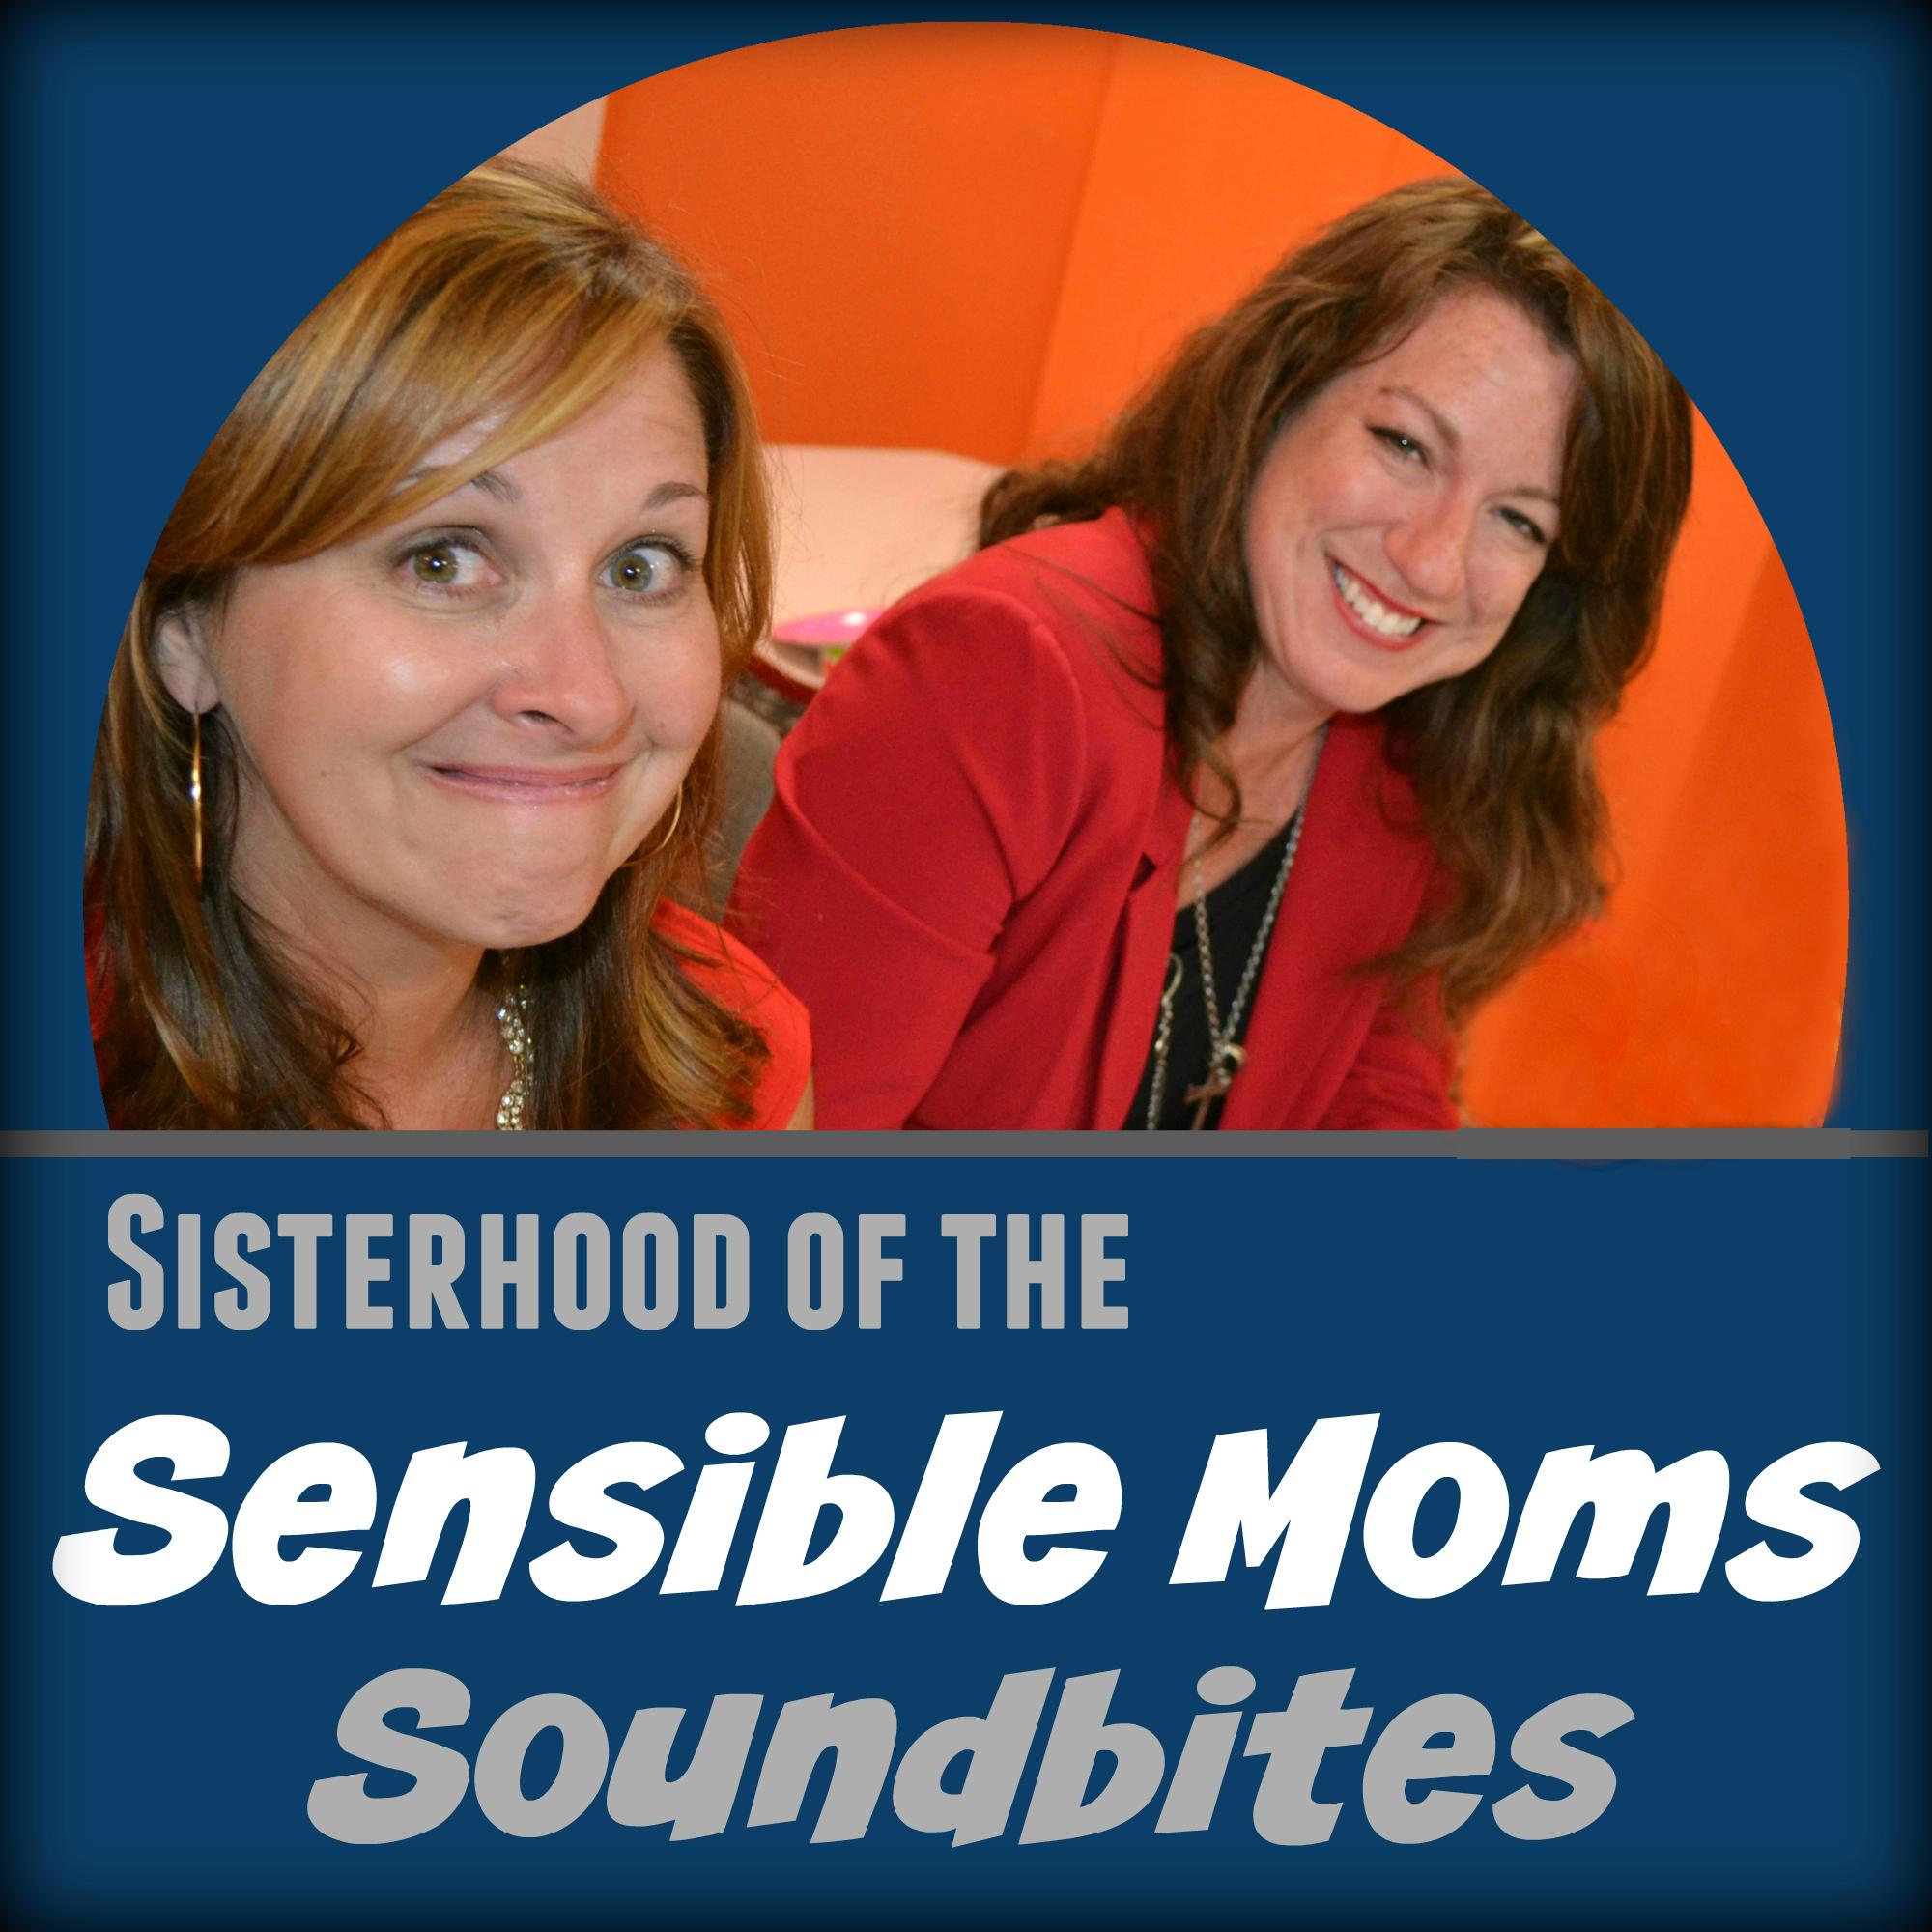 Sisterhood of the Sensible Moms